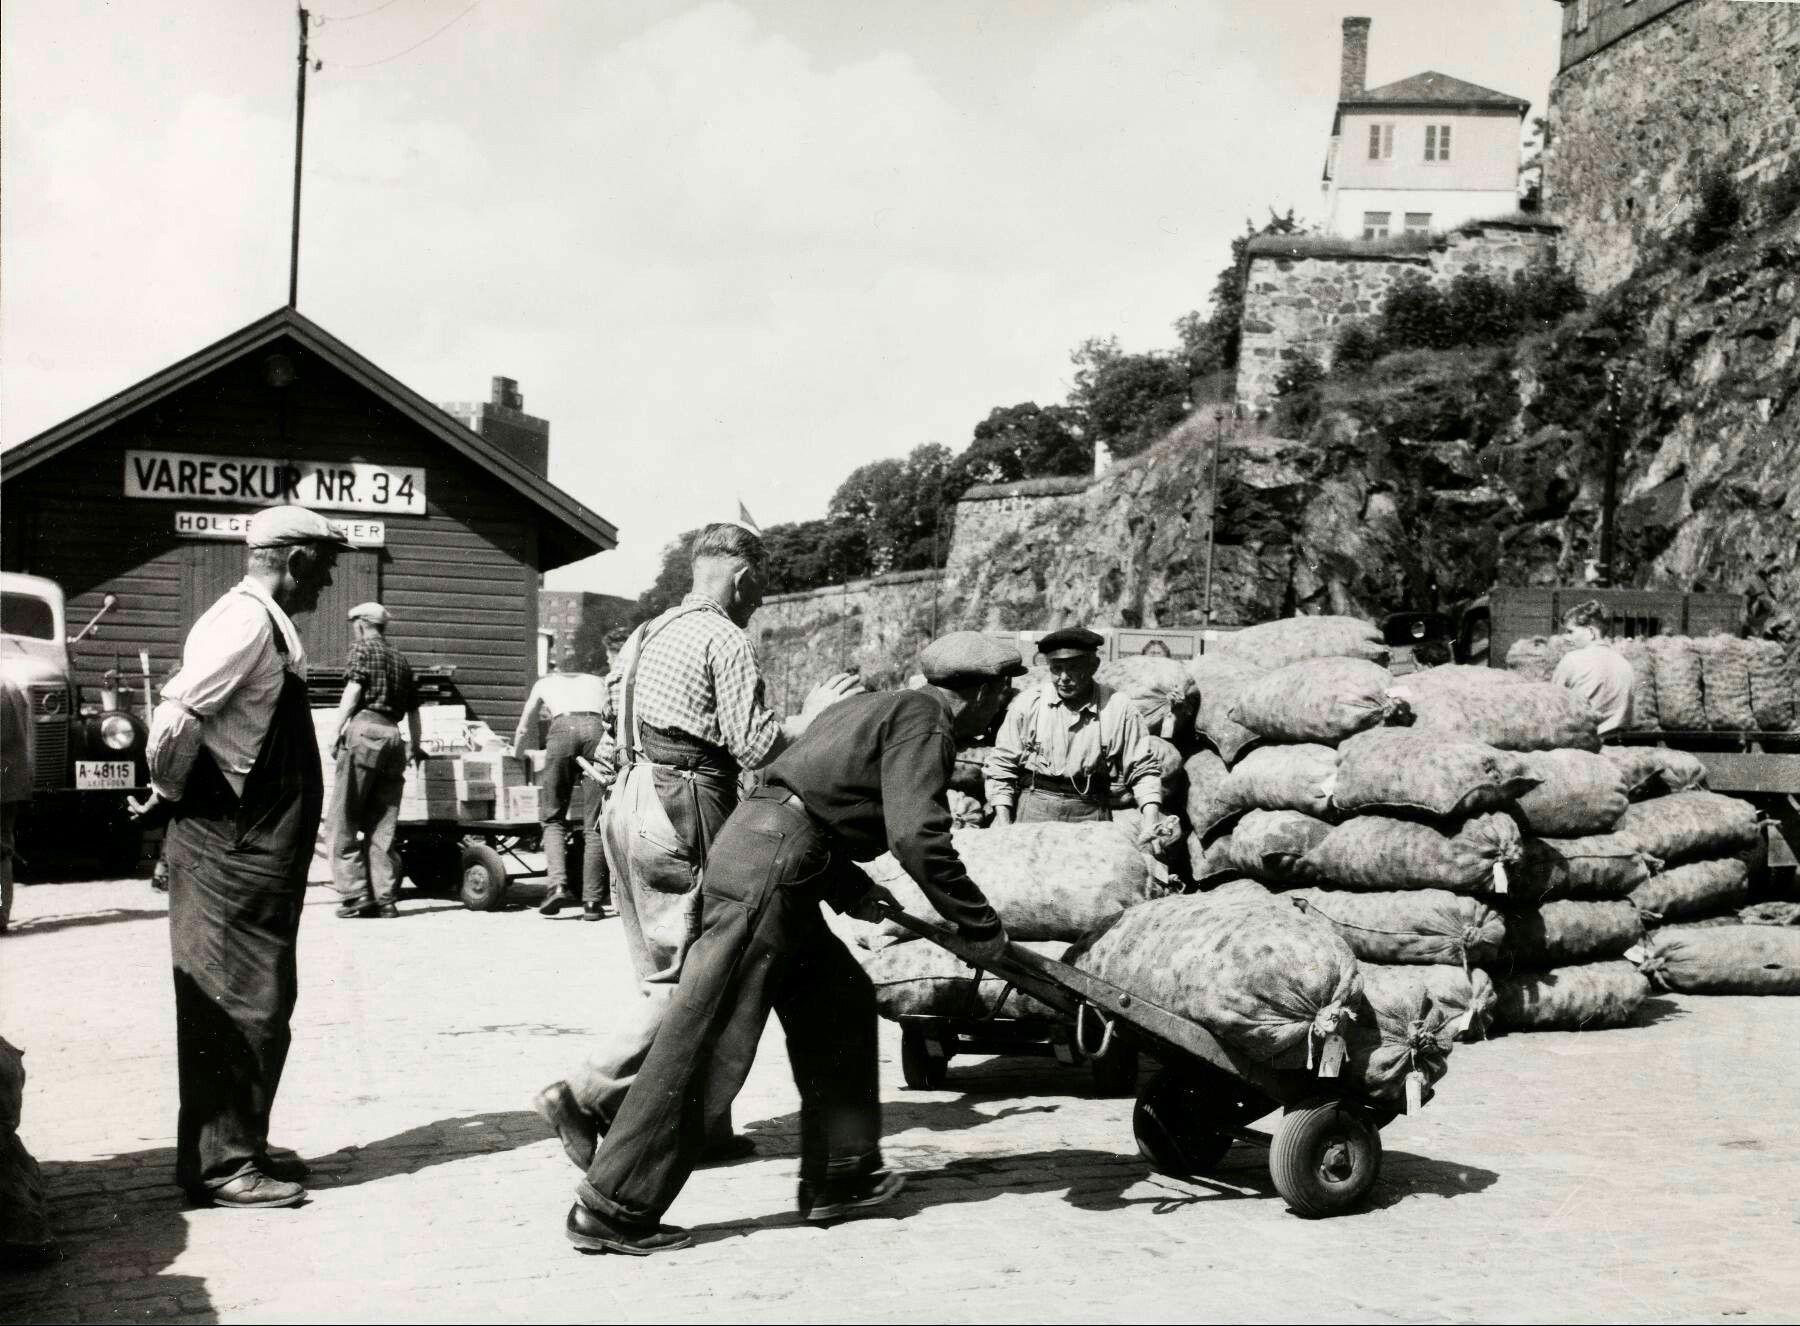 Oslo Havnearbeidere i jobb 1954 Stor nyvinning med gummihjul når tunge sekker skal forflyttes.